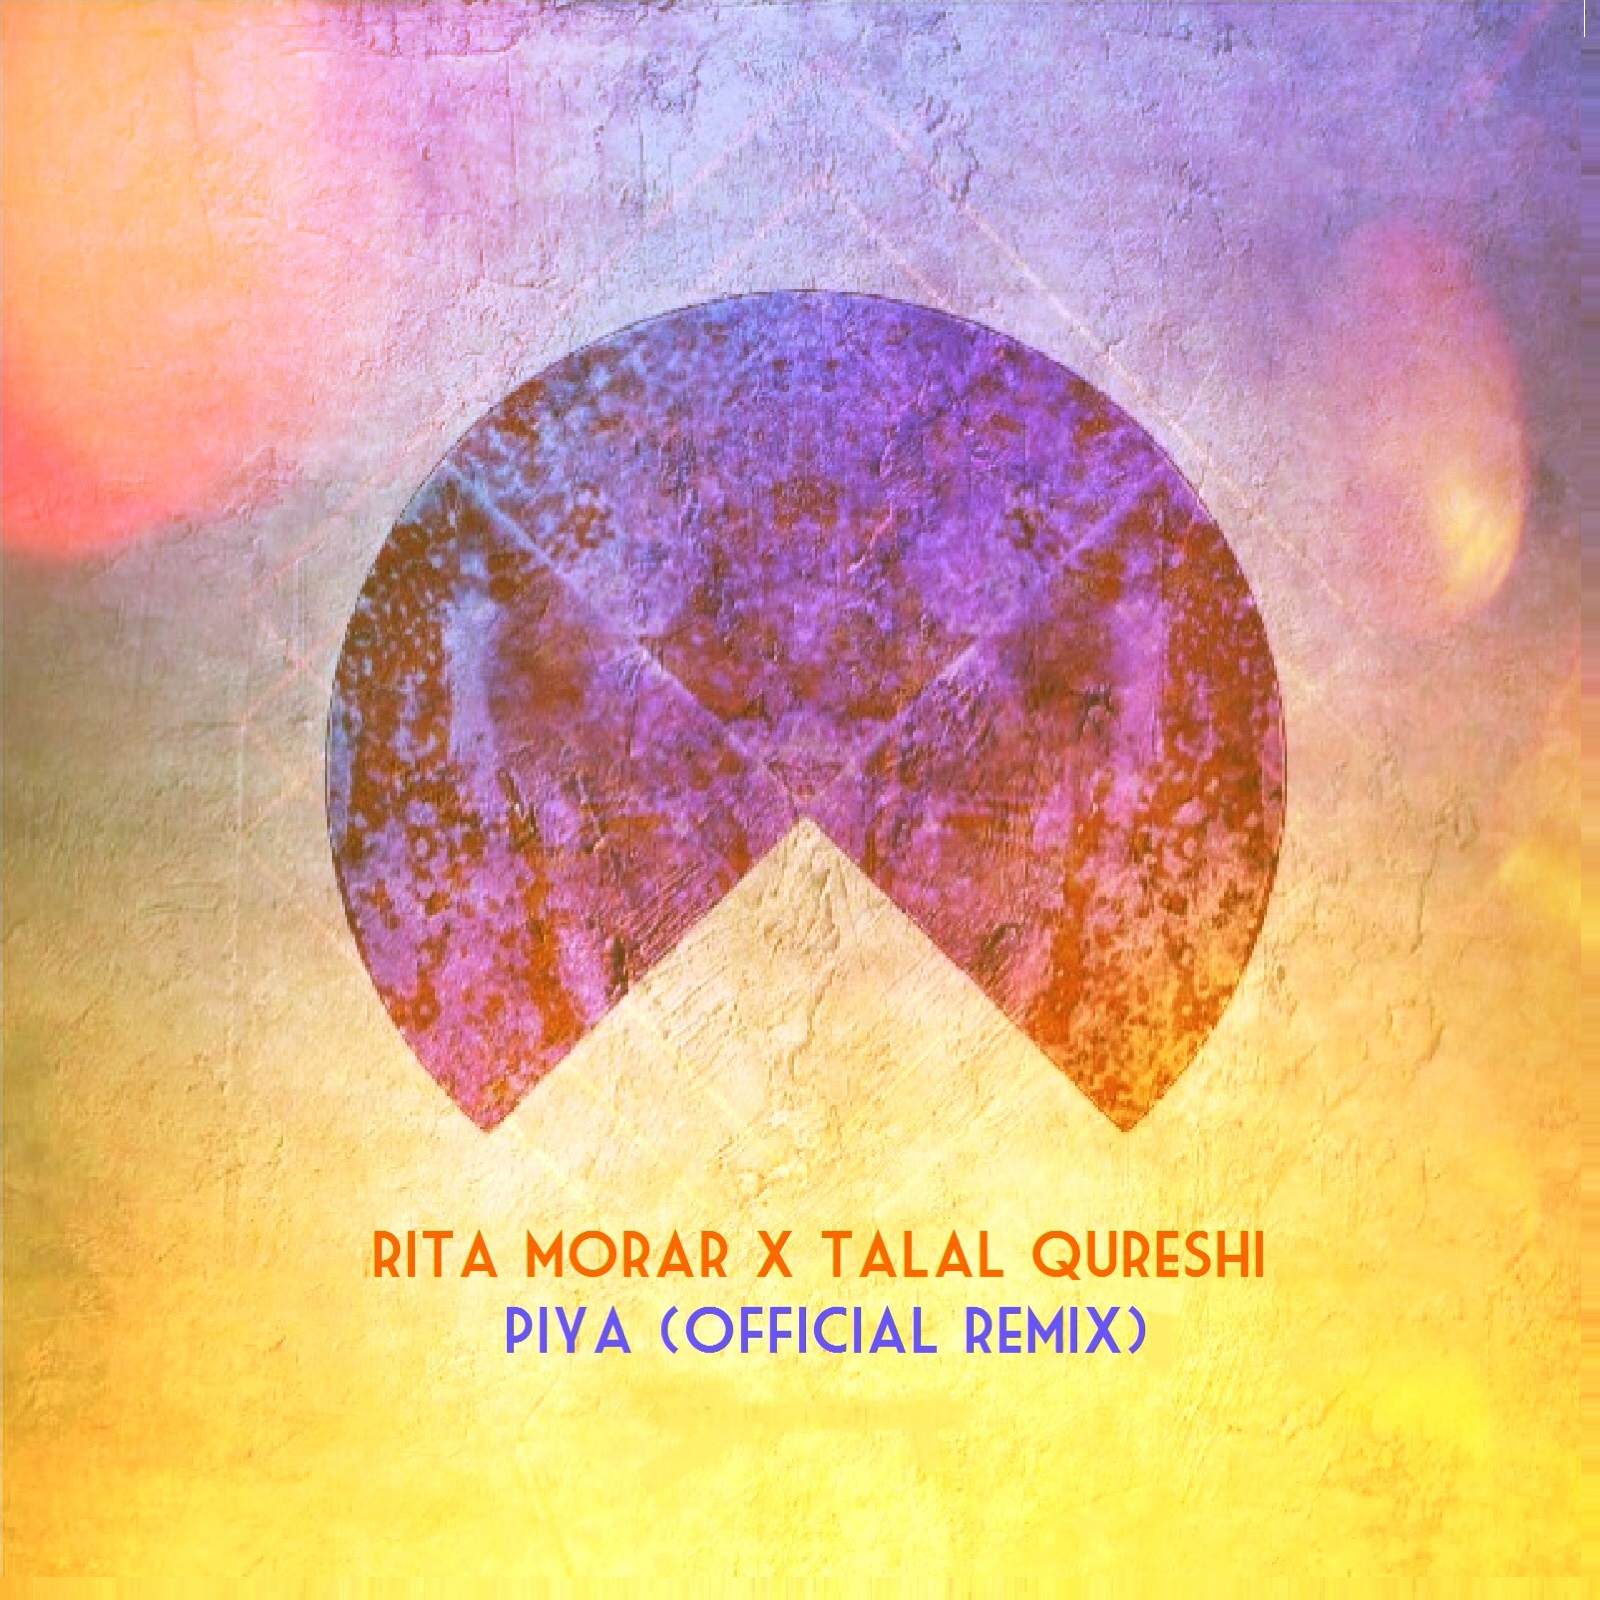 Rita Morar x Talal Qureshi - Piya Official Remix Art